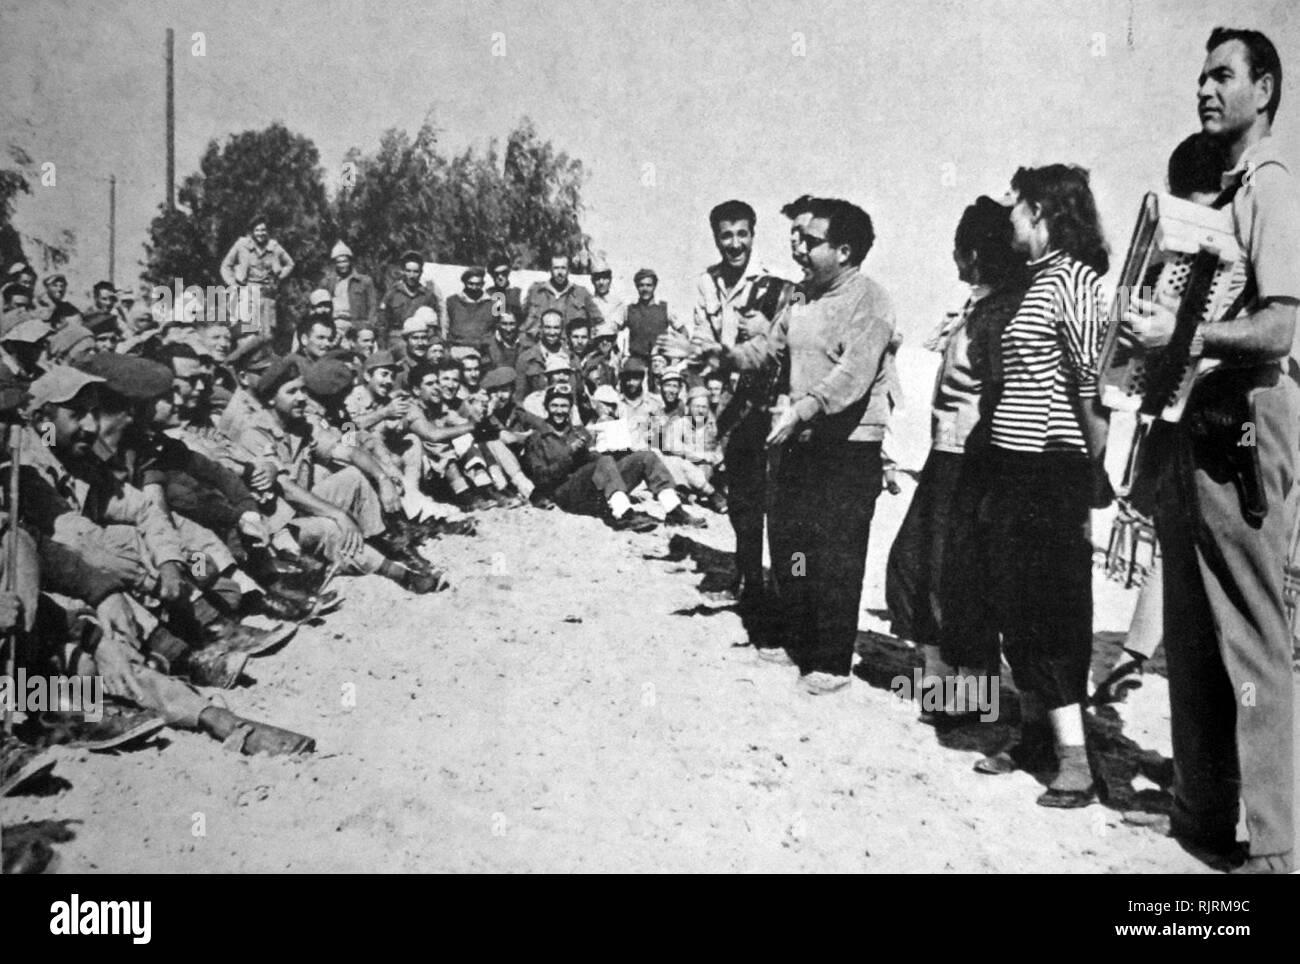 Zahal troupe de entretenimiento de las Fuerzas de Defensa de Israel, circa 1965 Imagen De Stock